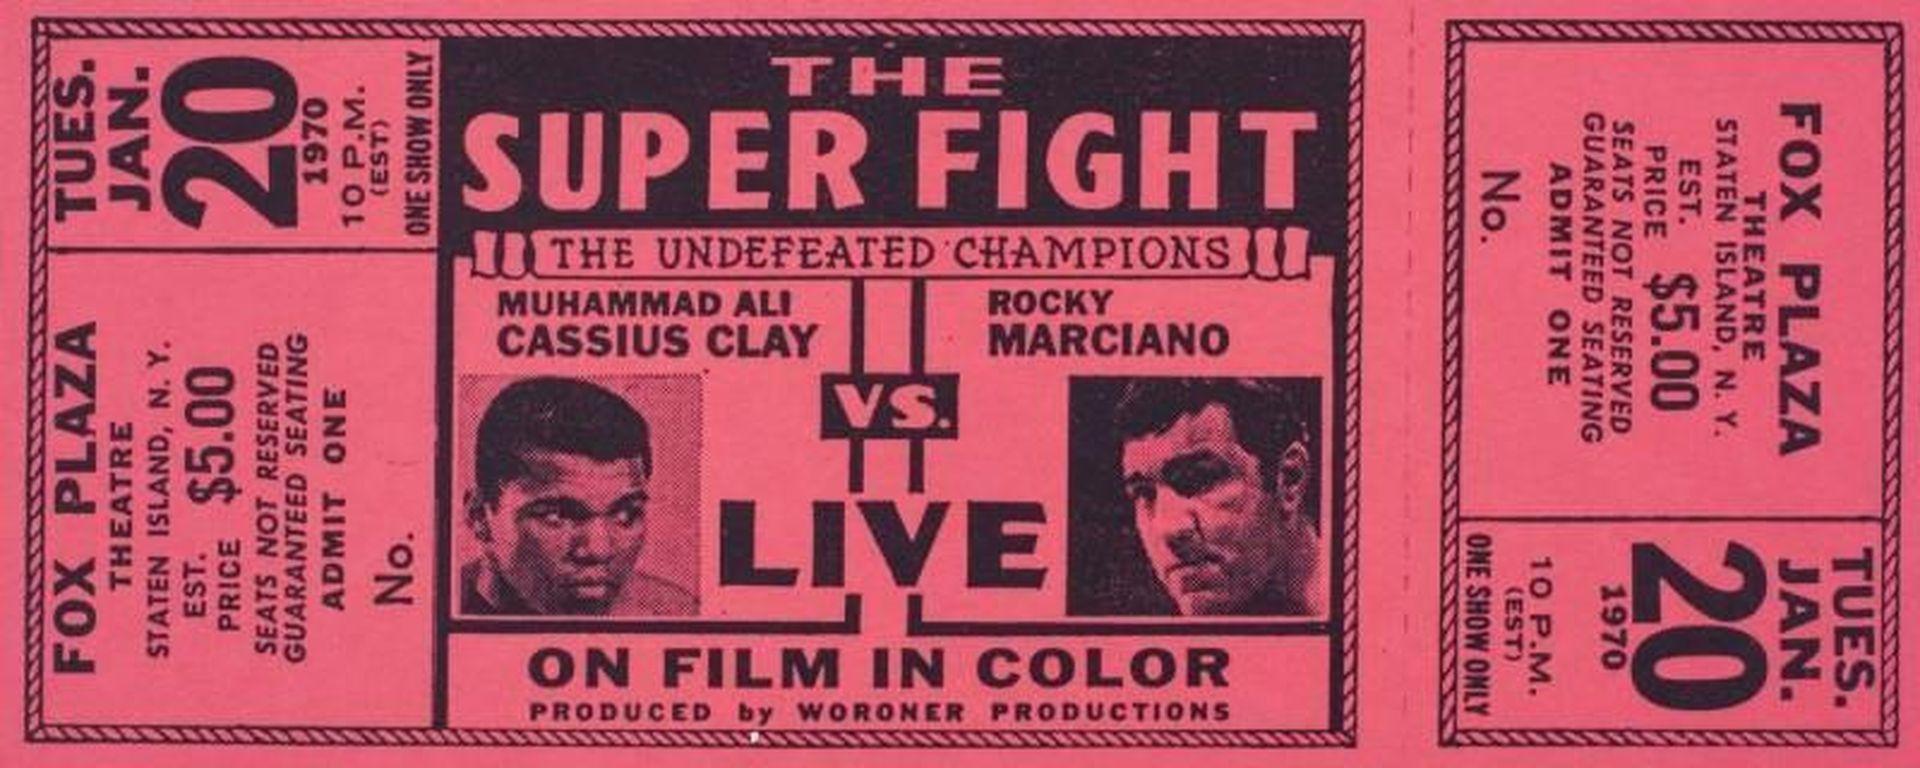 Художествена и компютърна измислица, може би... Но всъщност една от големите мечти на всеки фен на бокса - мачът на филм между Роки и Али.